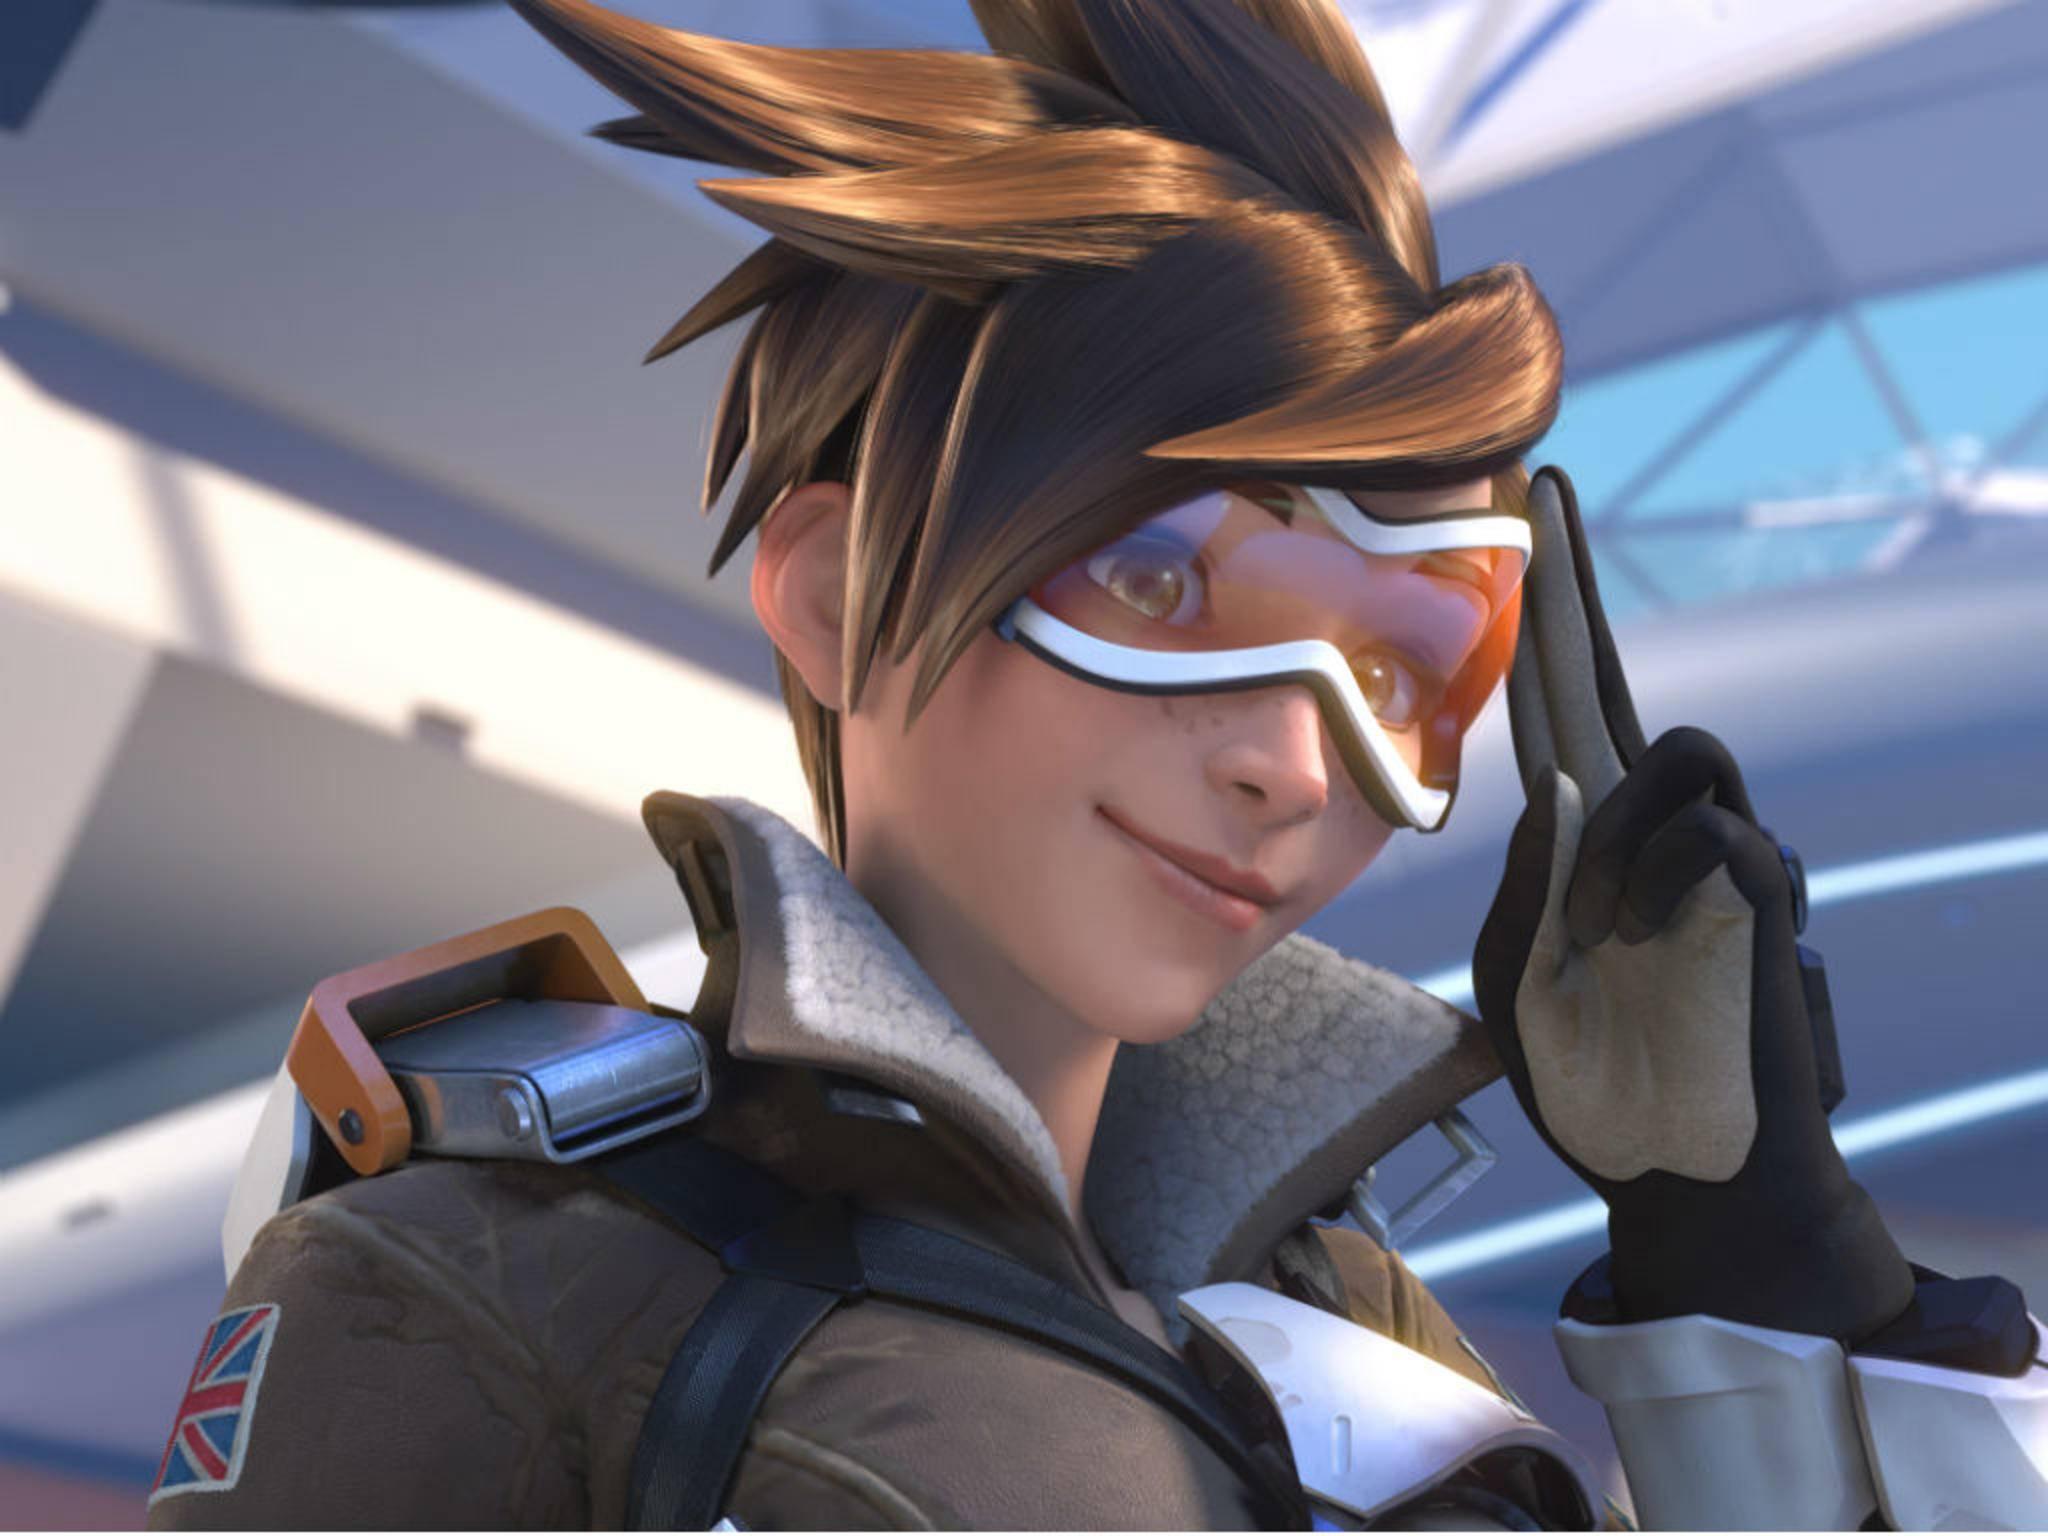 """Tracer ist eine der schnellsten und vielseitigsten Charaktere bei """"Overwatch""""."""